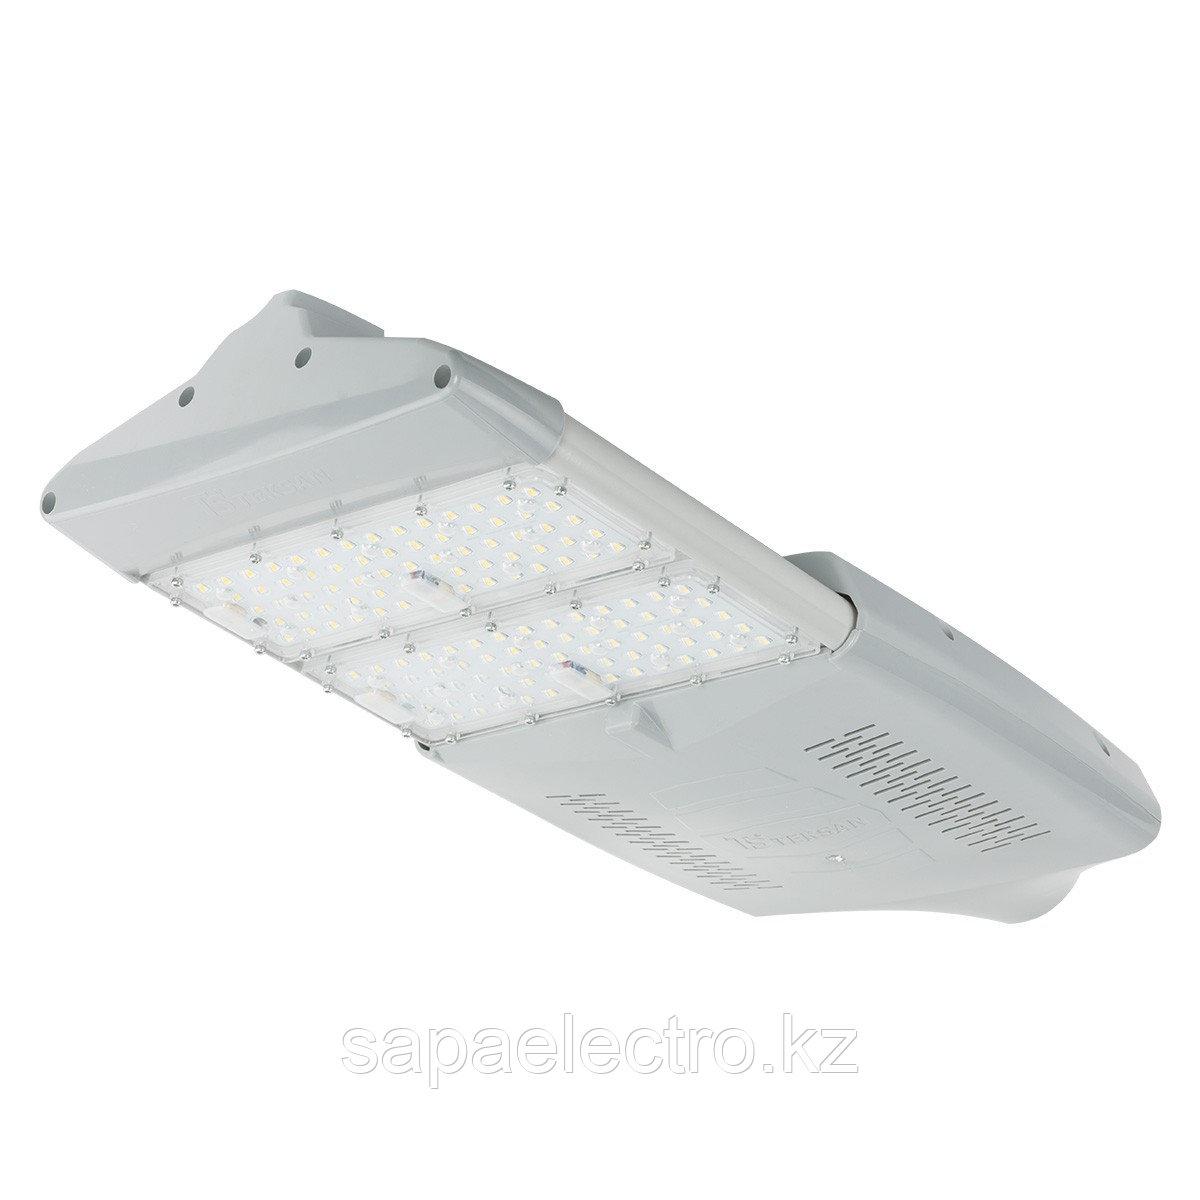 Свет-к RKU LED SMART 2*60W с гербоксом (3 года гара